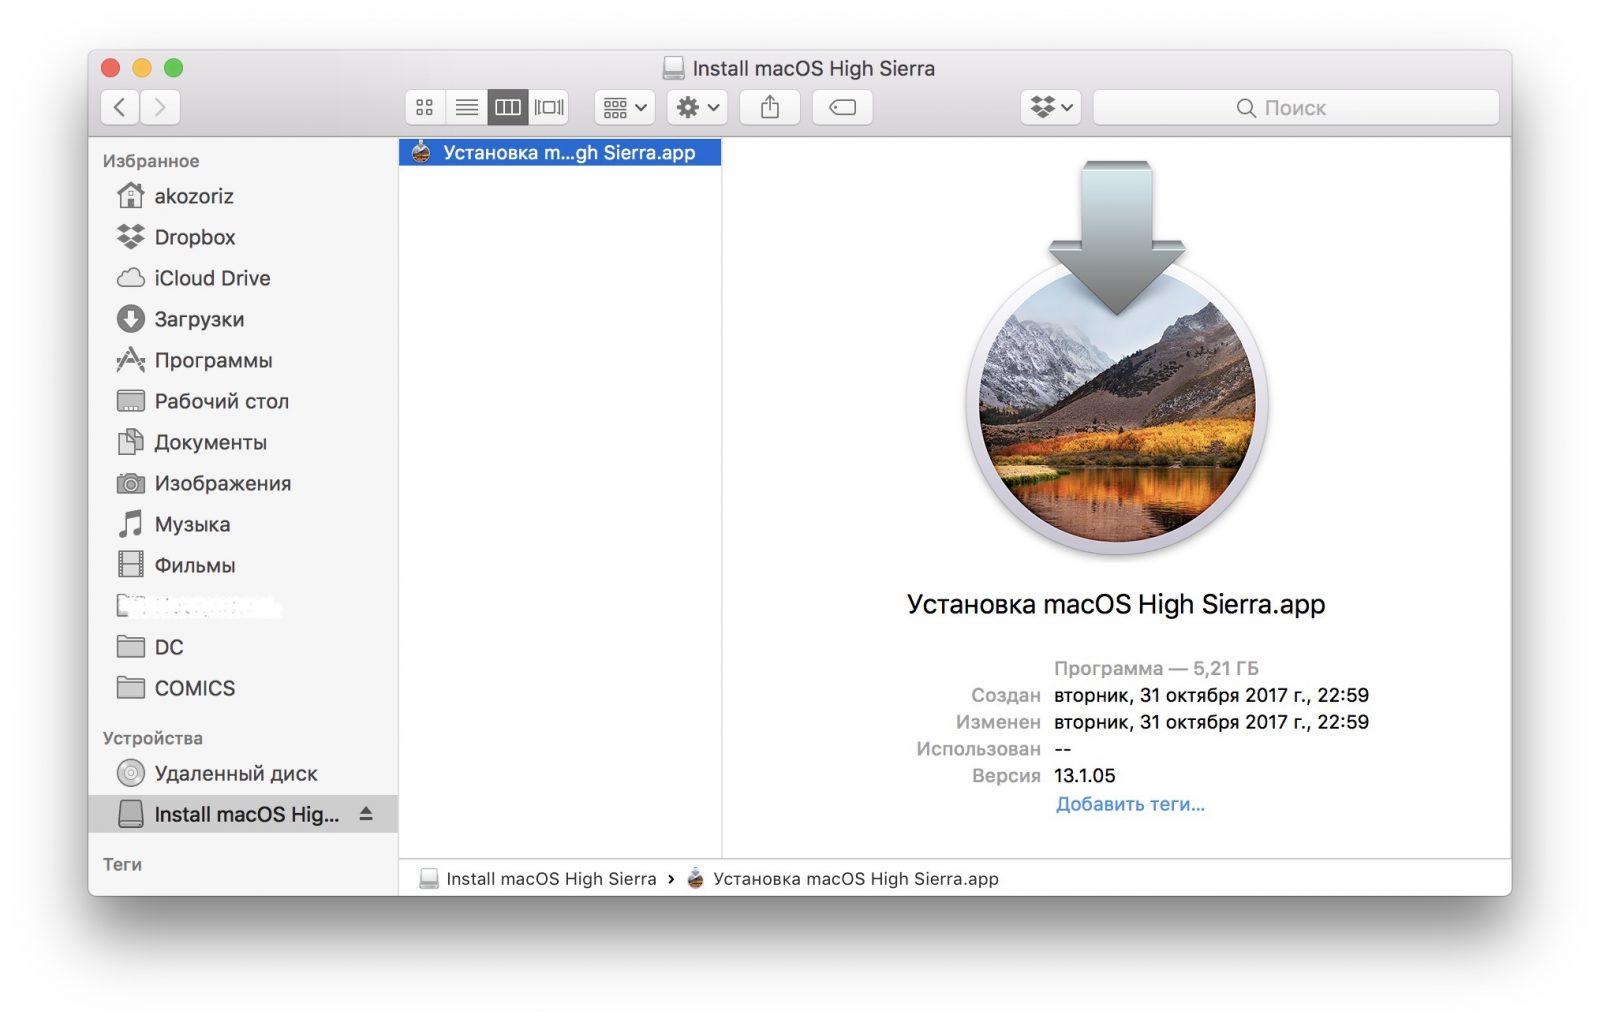 Как сделать флешку mac os sierra на windows 344